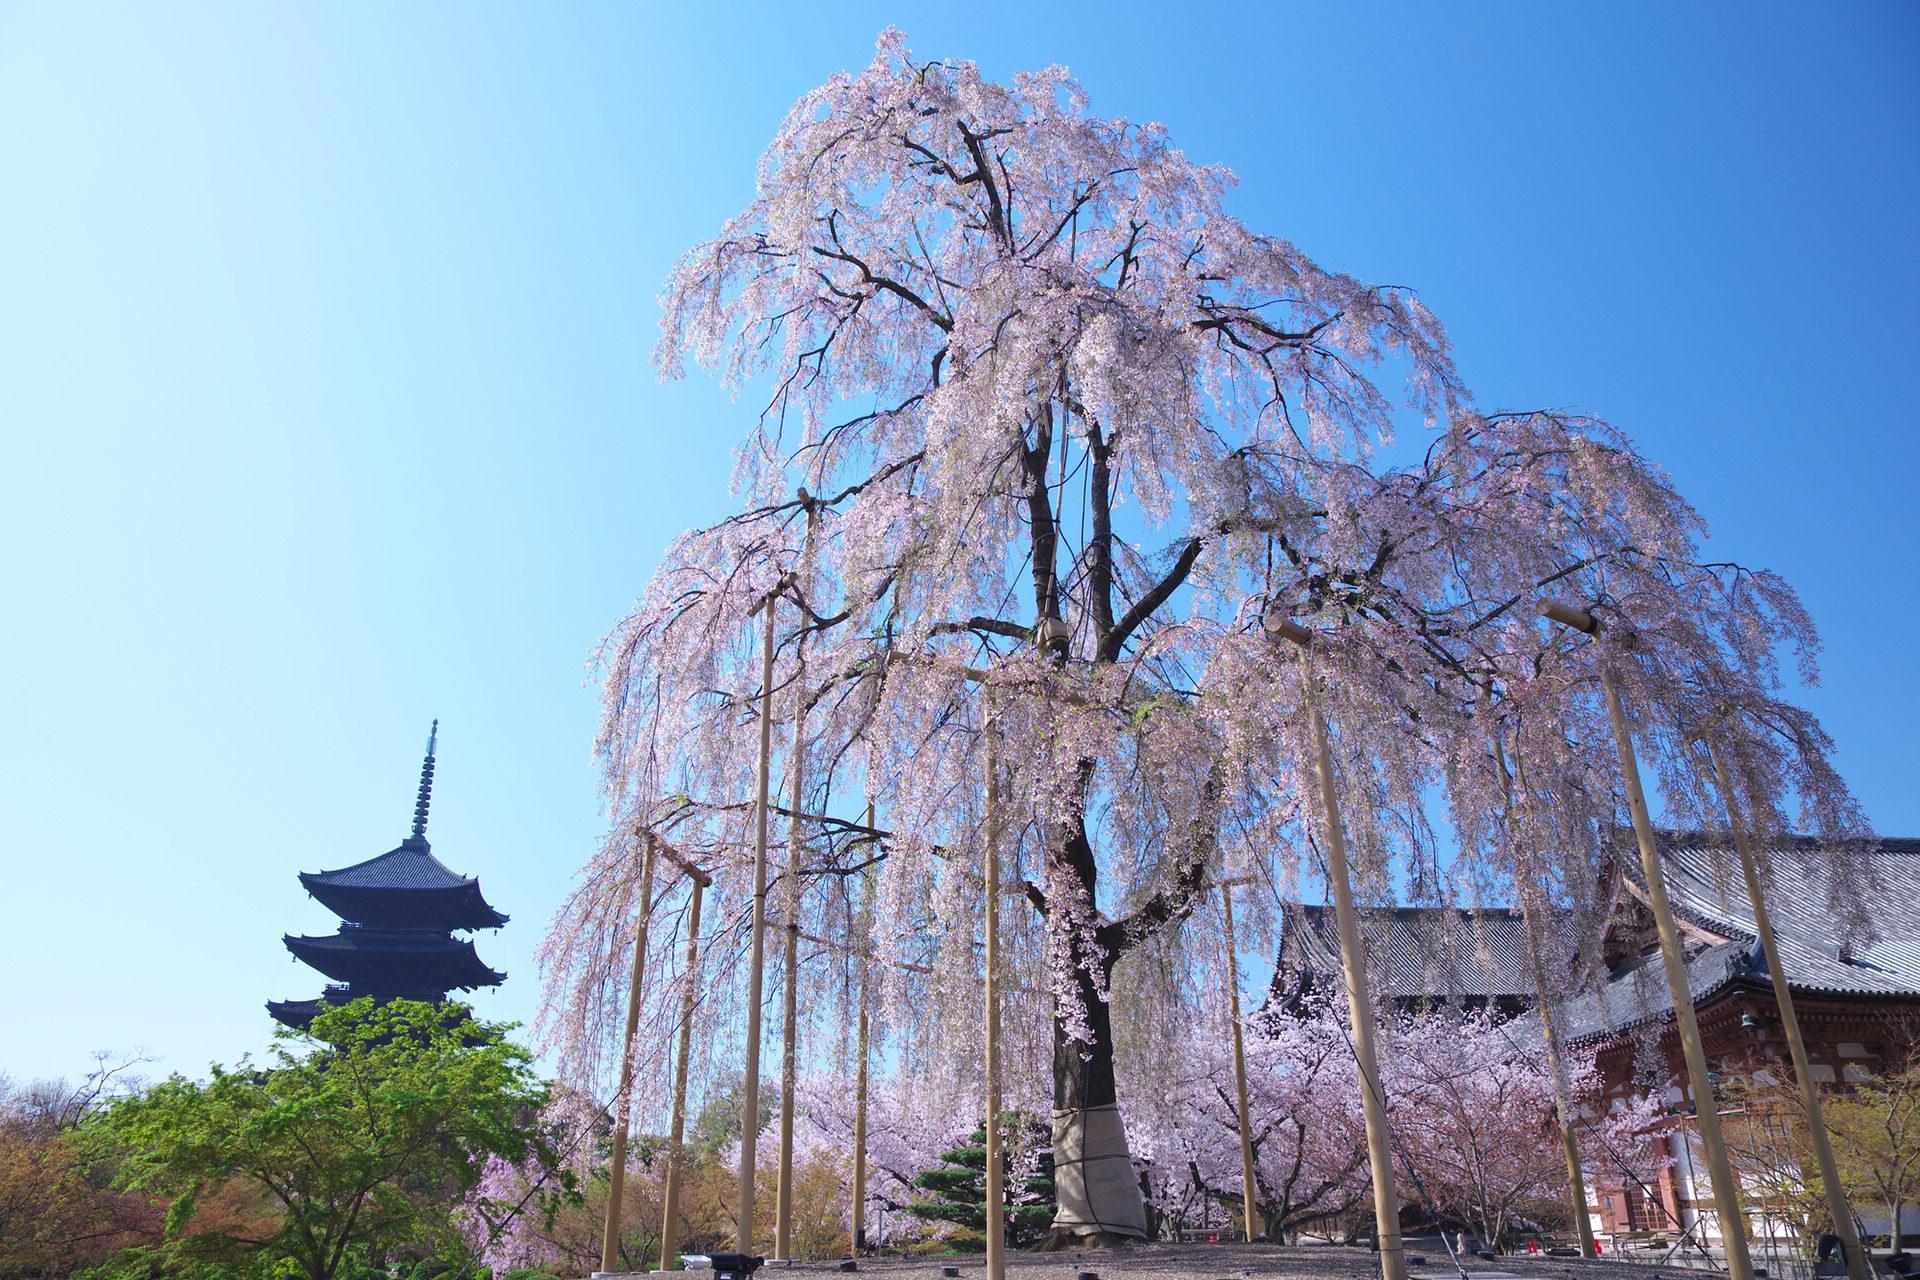 京都-東寺-しだれ桜-イメージ